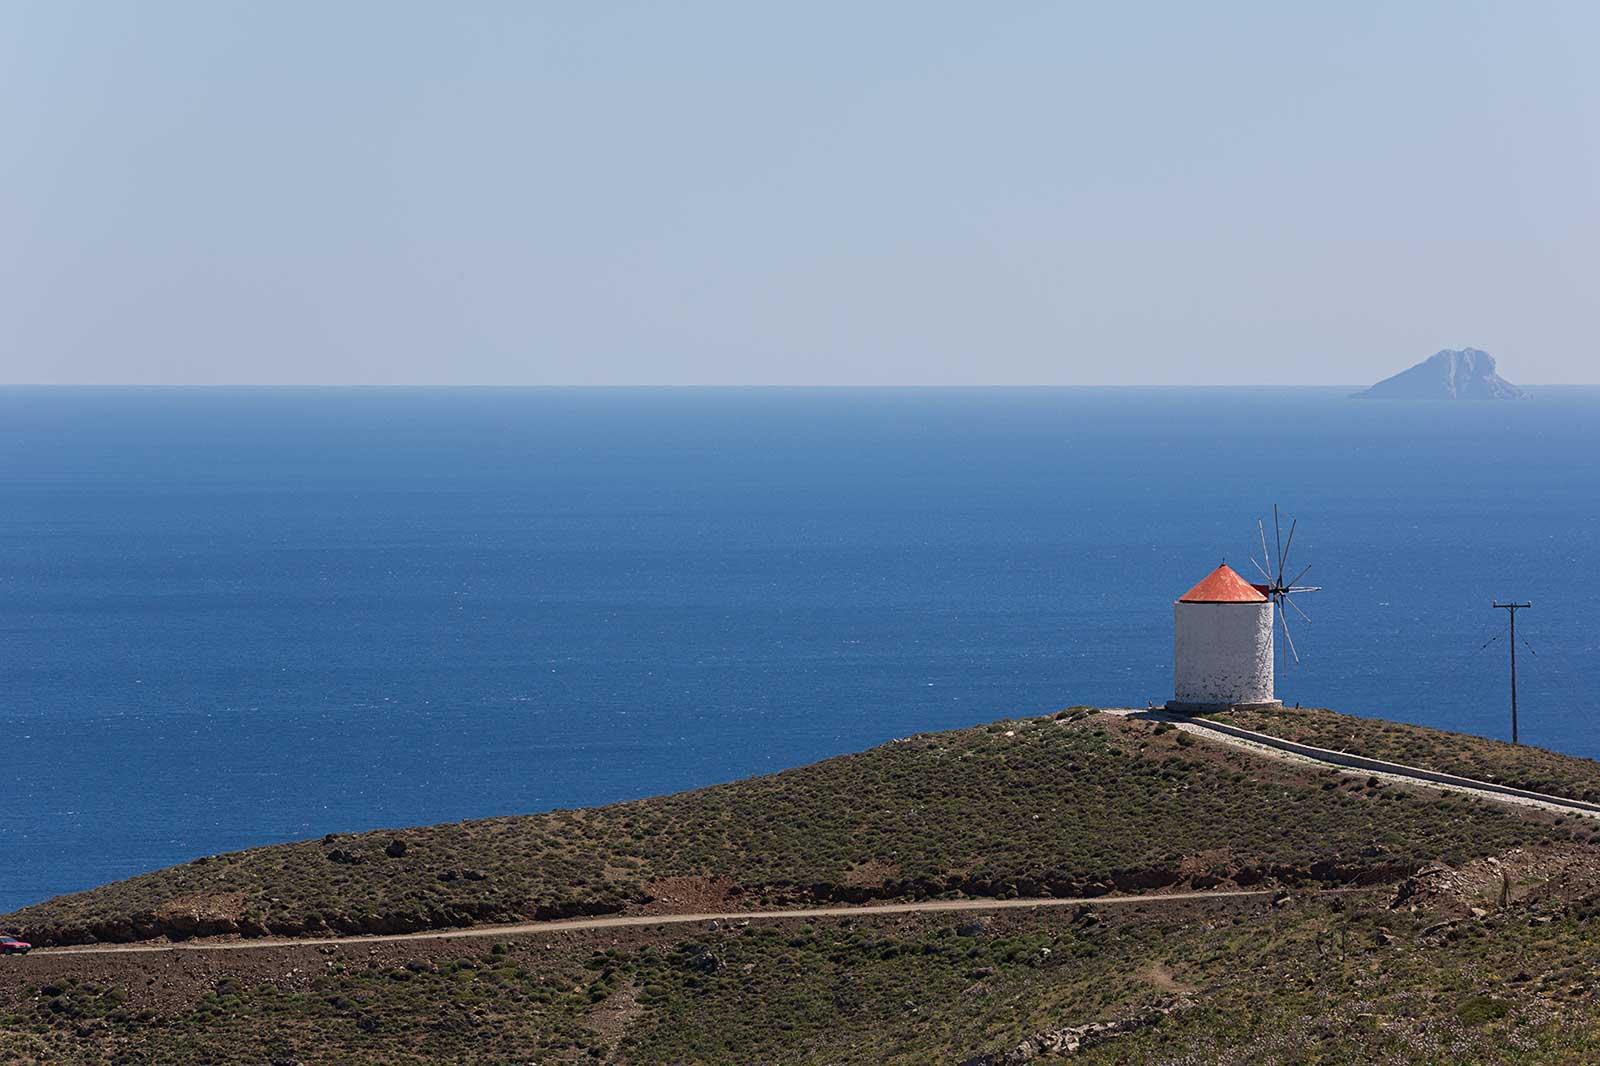 Astypalea cumple todos los sueños de las islas griegas: casas encaladas, puertas y ventanas pintadas de azul, tabernas con mariscos frescos, las personas más amigables, sin turismo de masas y todo junto a aguas cristalinas.